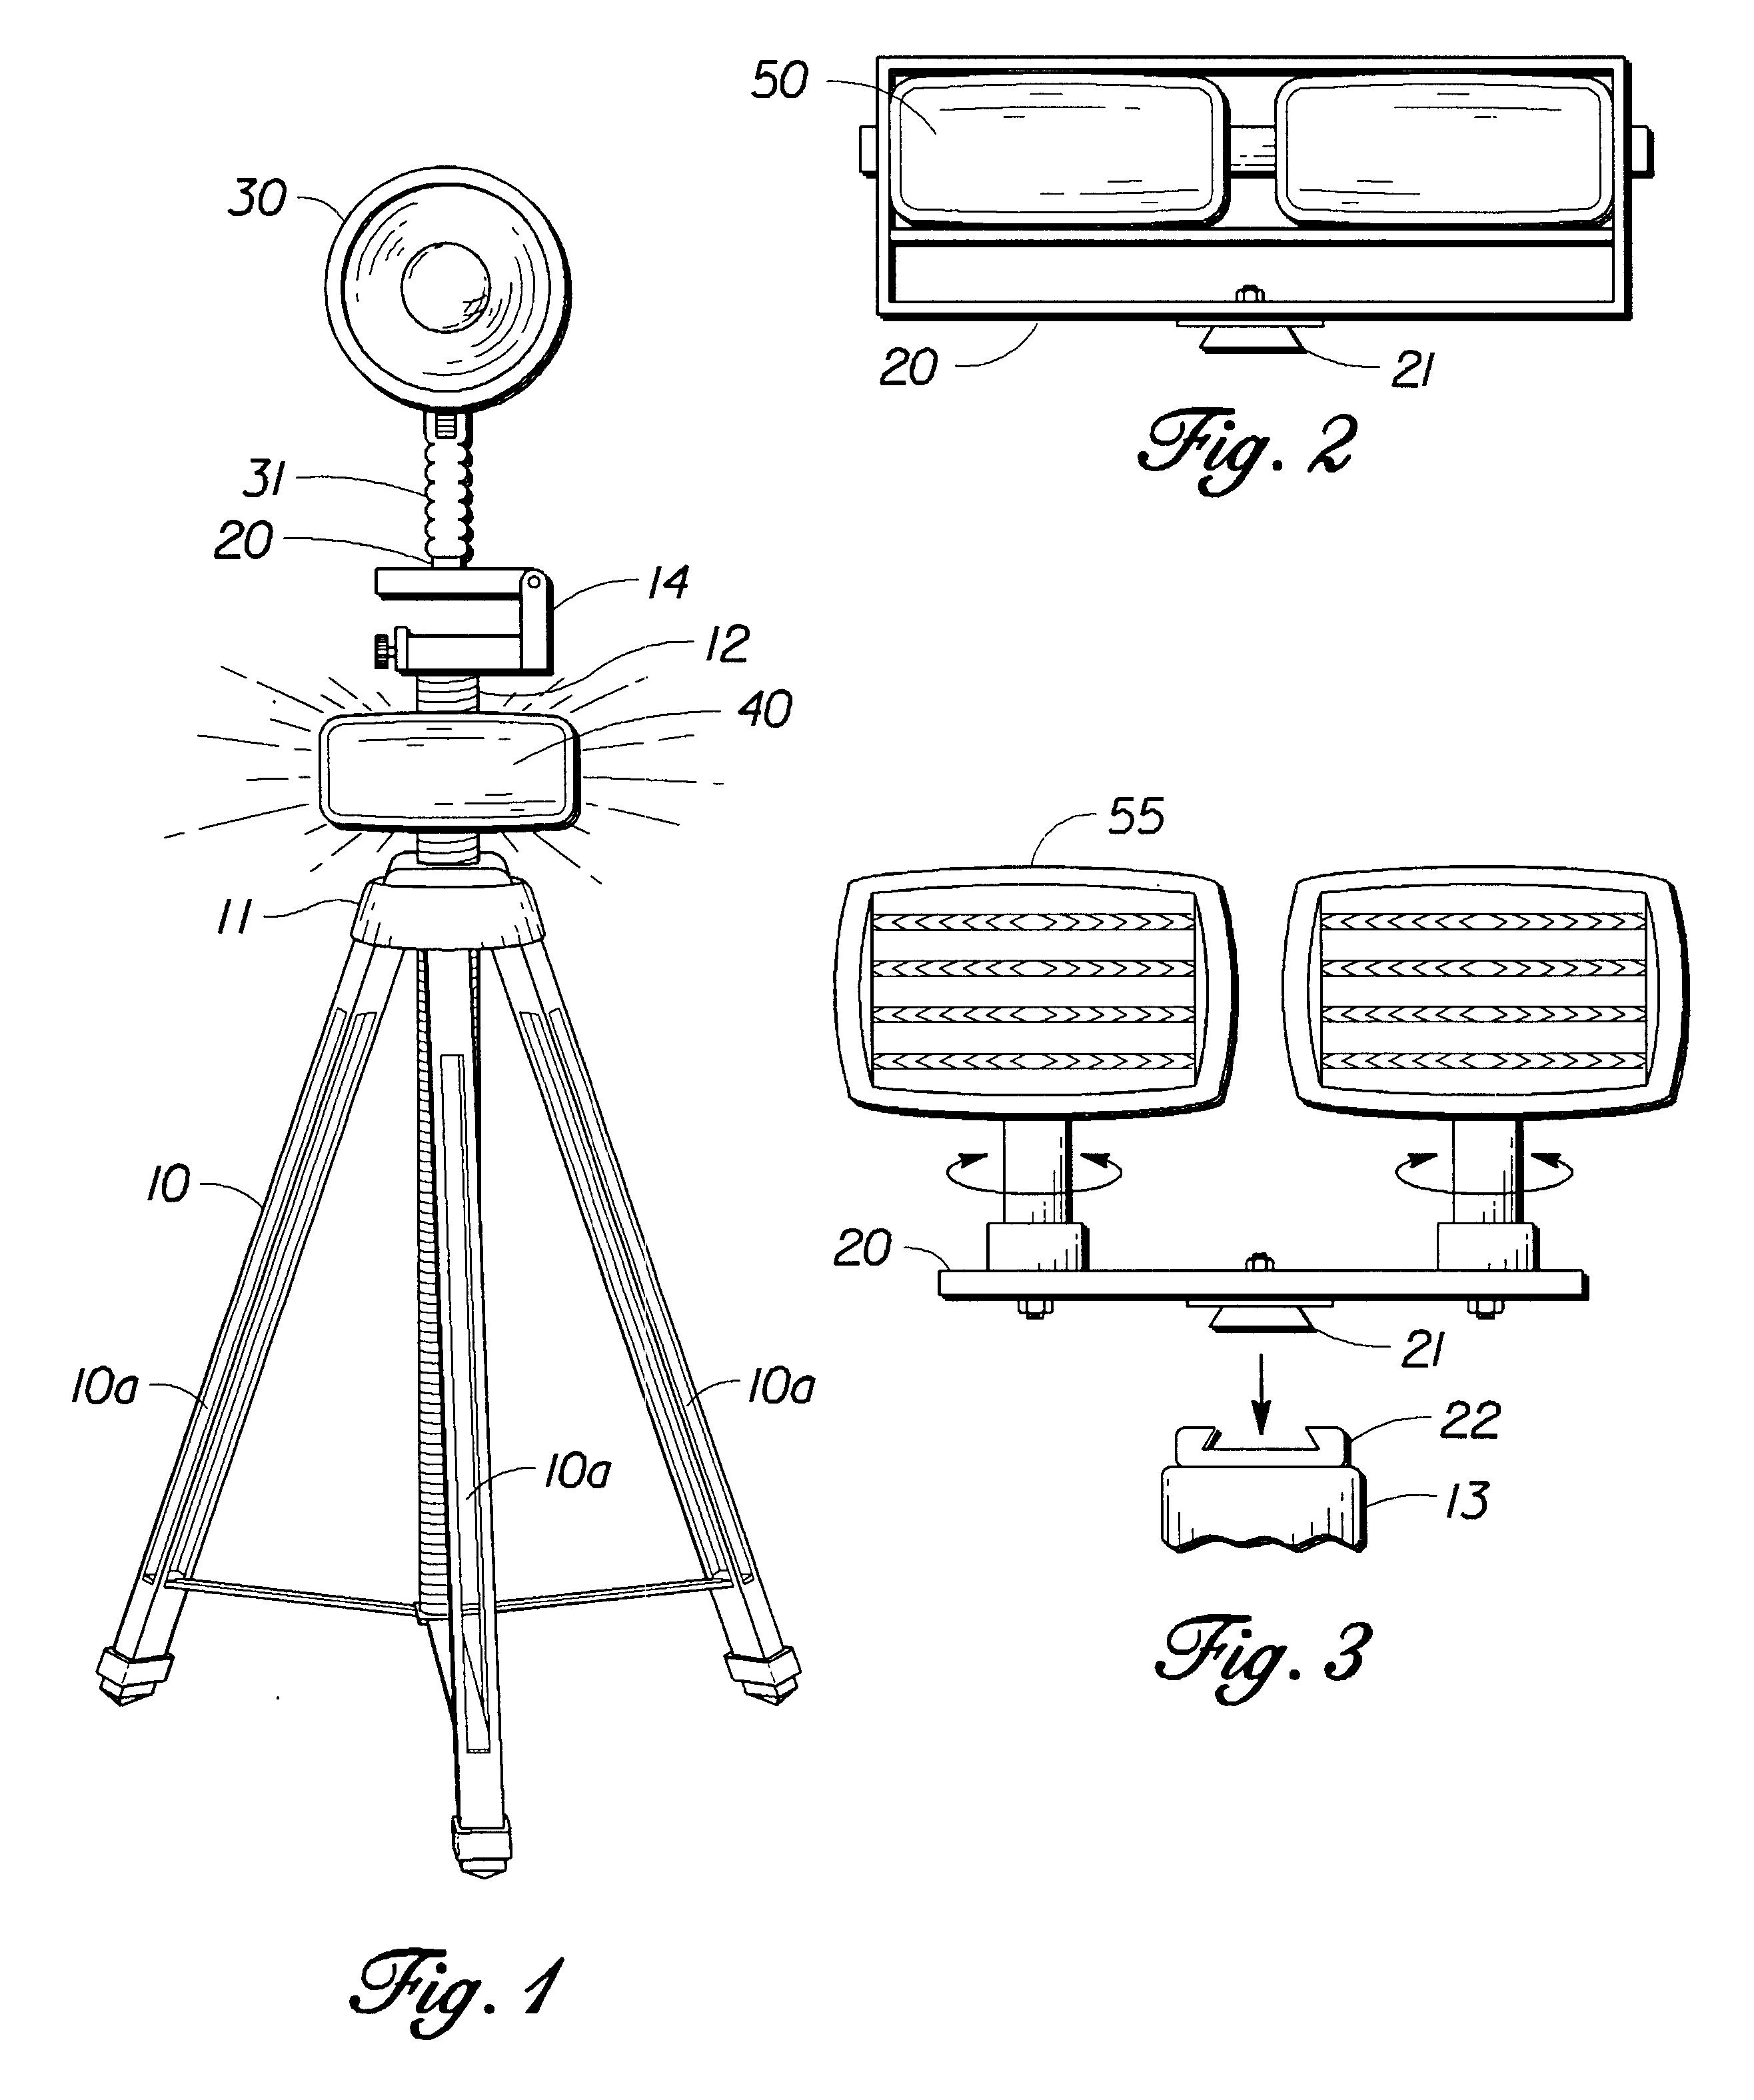 patent us6637904